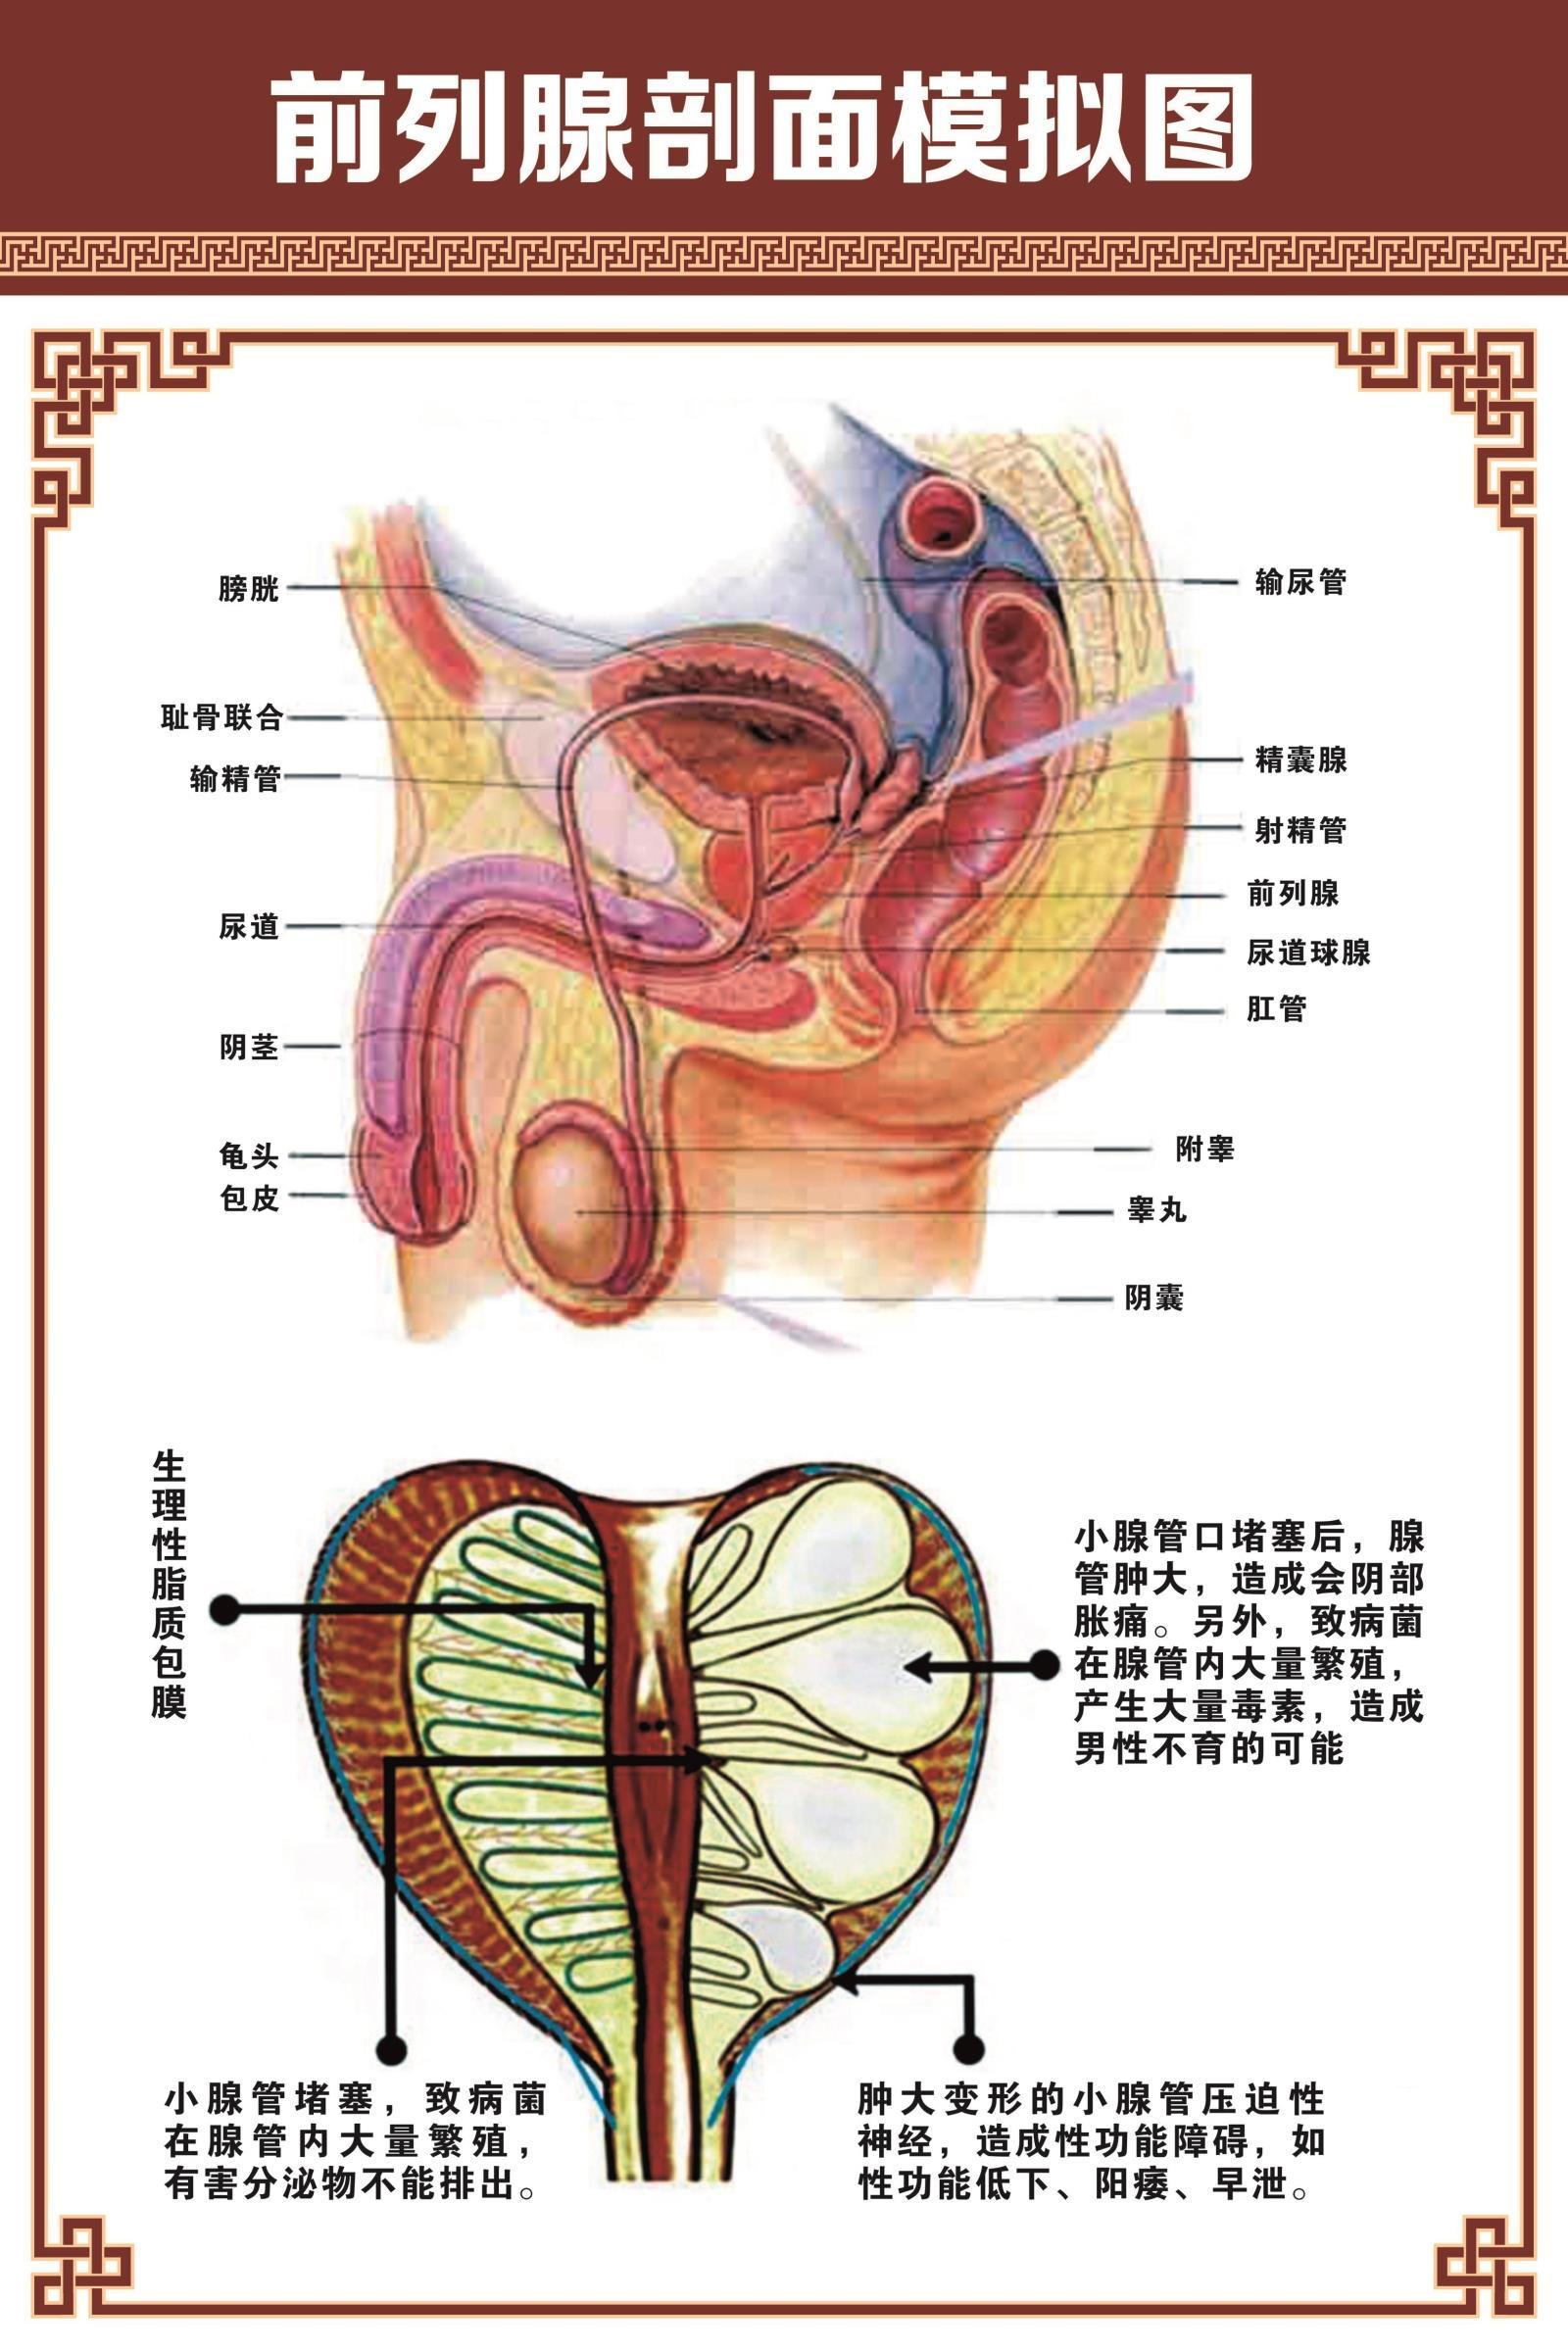 男性科v医学医学前列腺医院示意图挂图人体器官膀胱解剖图系统布置